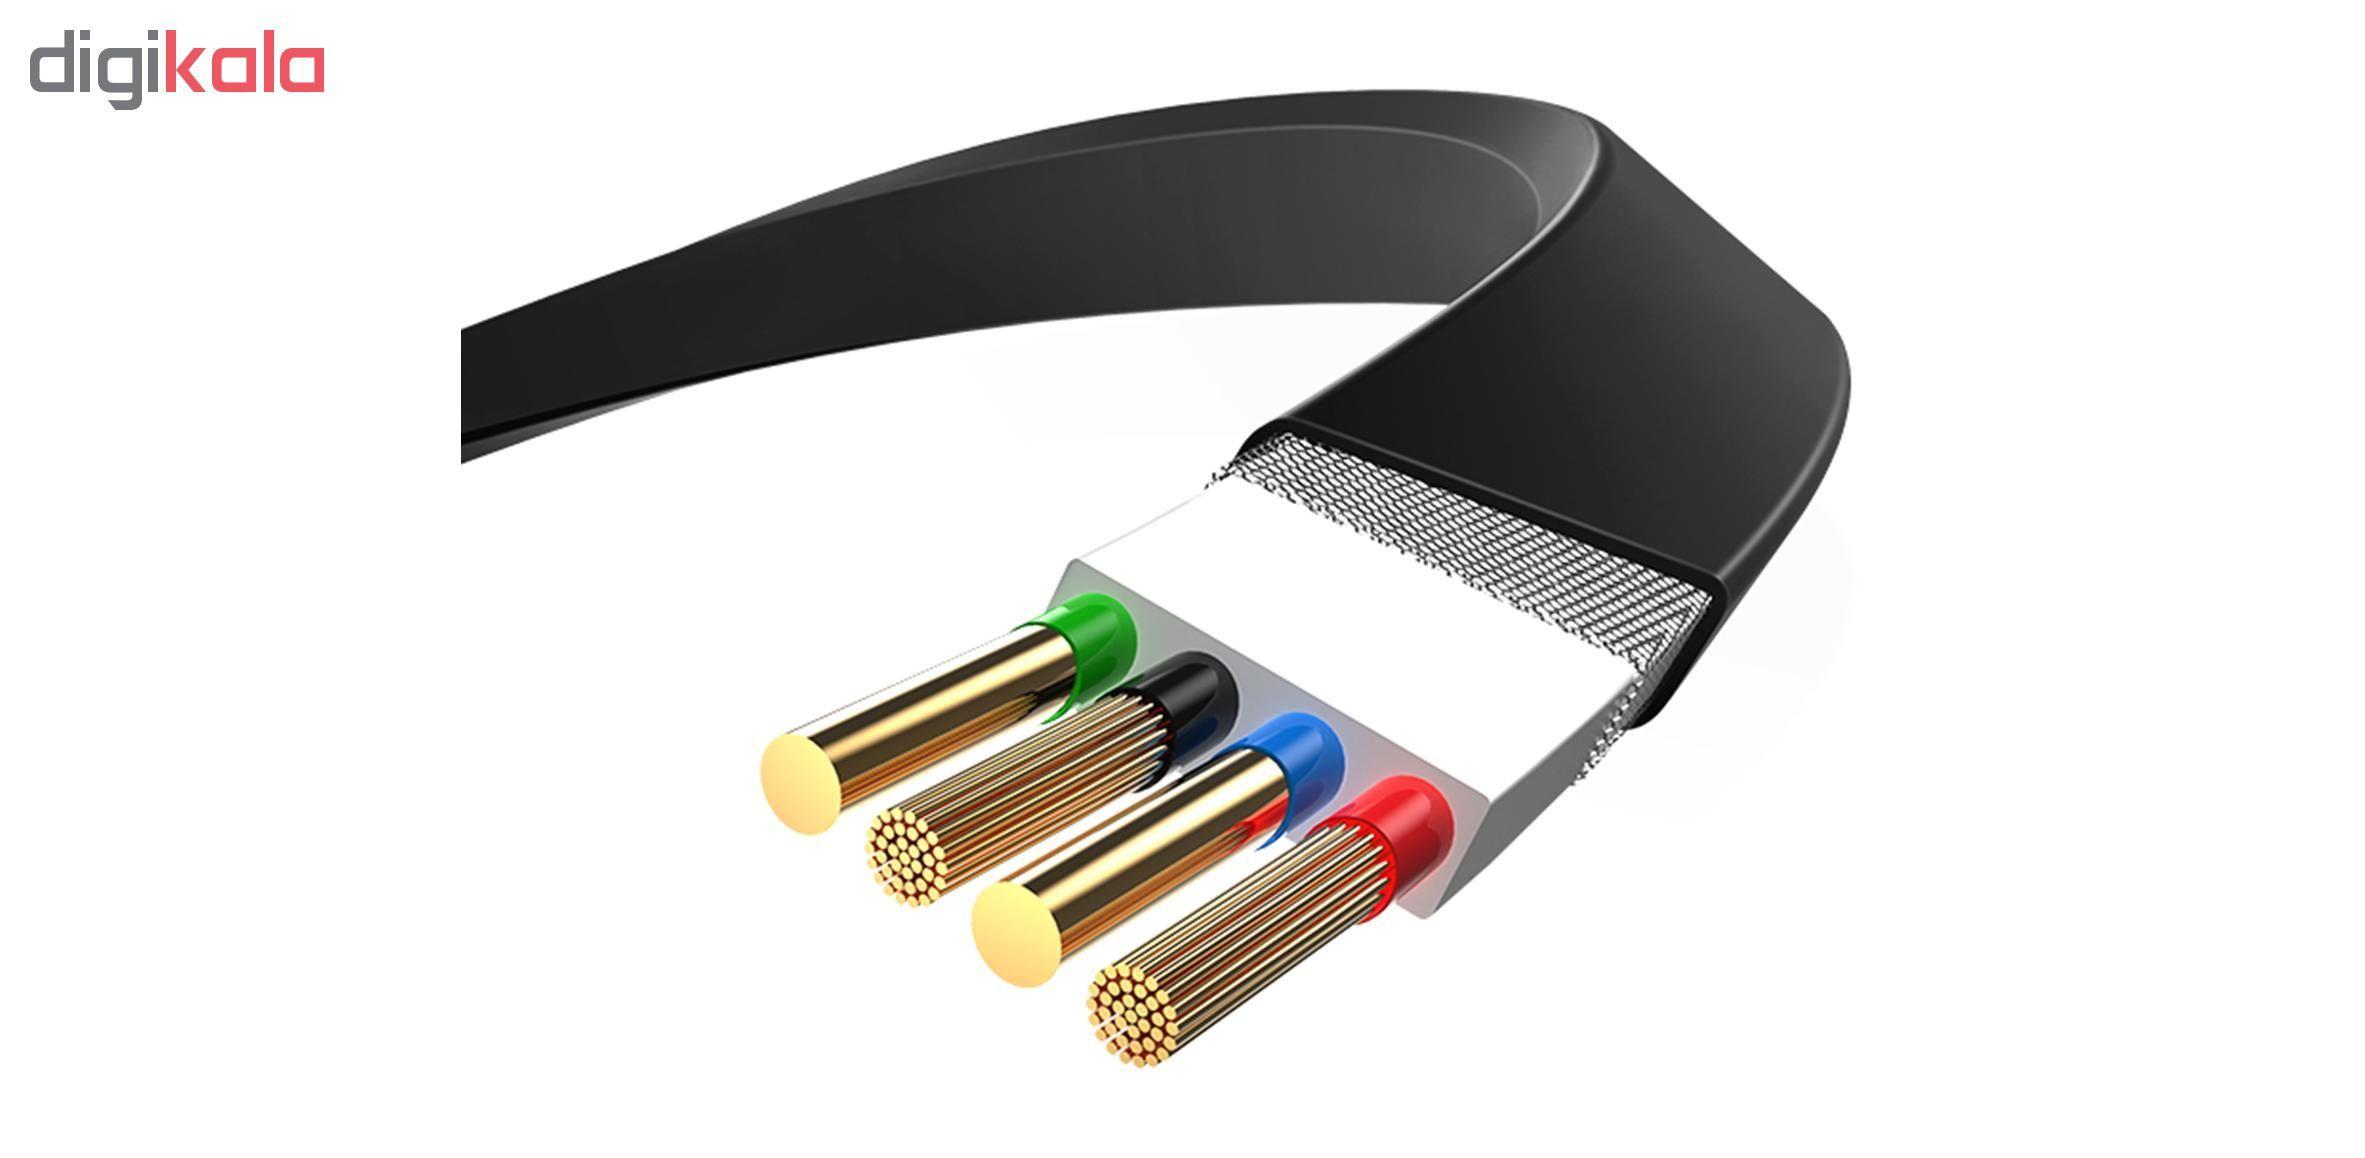 کابل تبدیل USB به لایتنینگ/ micro USB /USB-C یوسمز مدل US-SJ263 طول 1 متر main 1 1